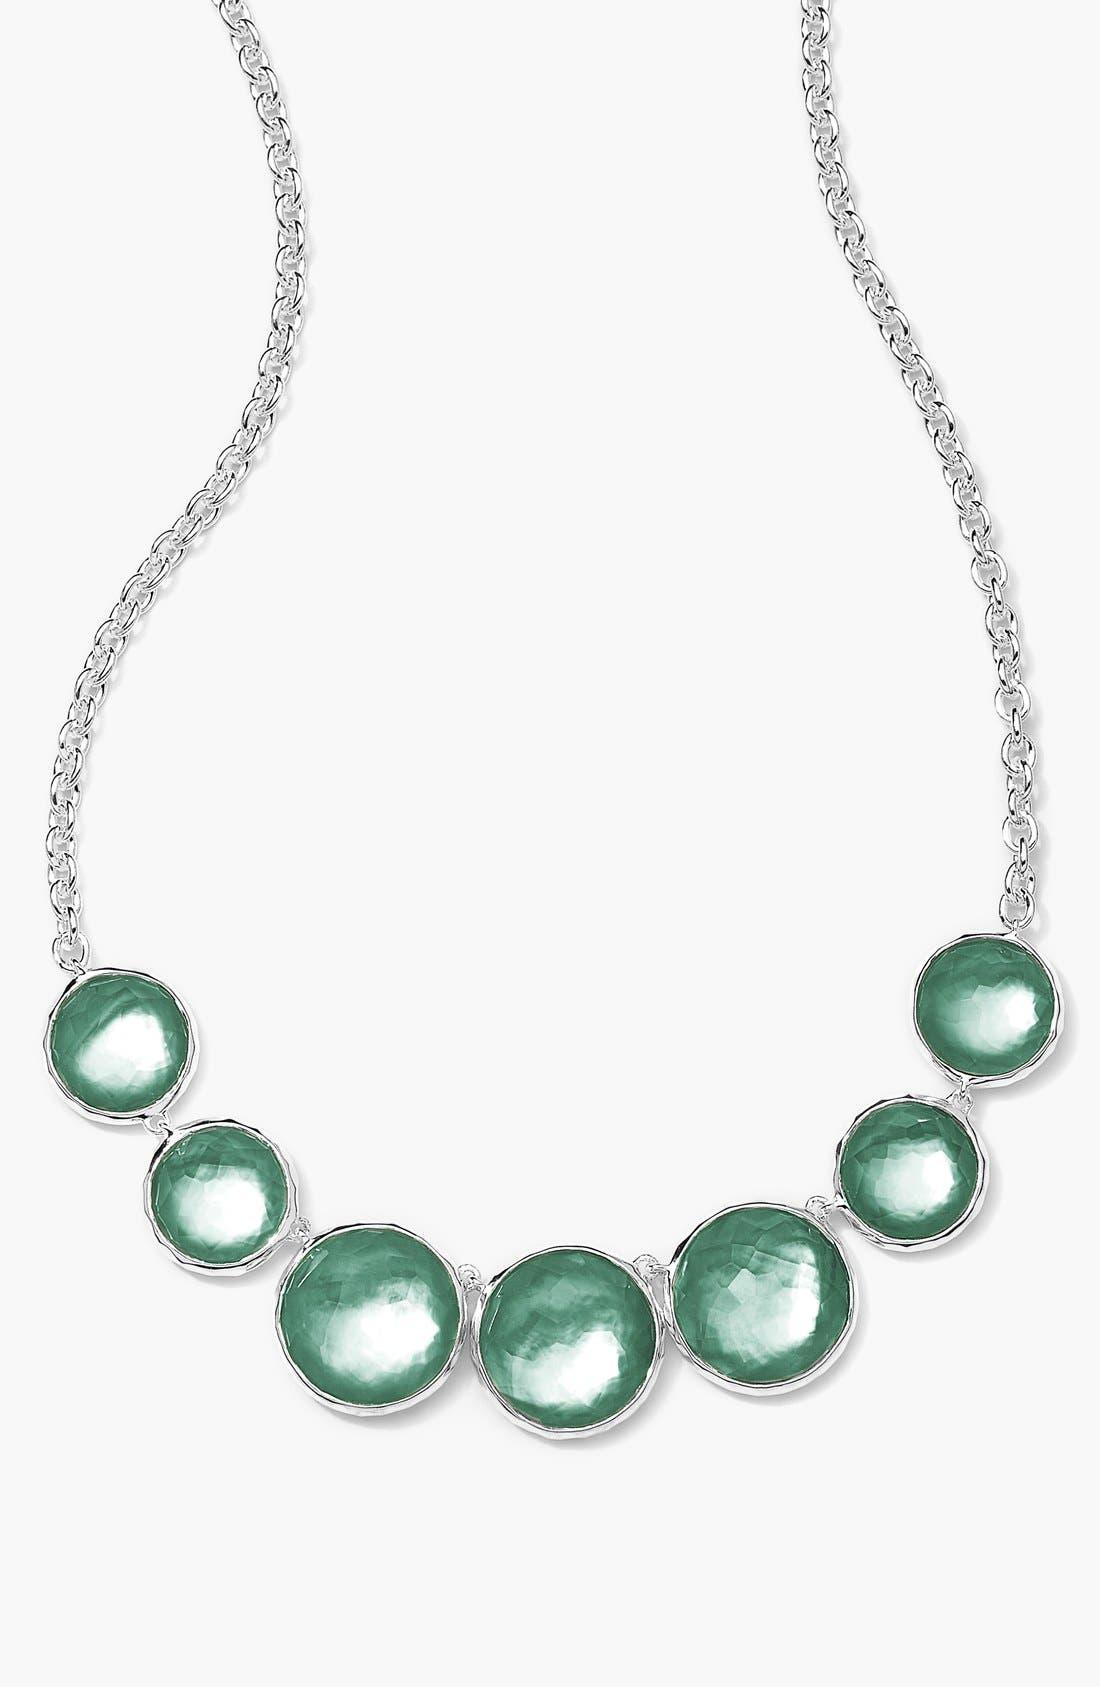 Alternate Image 1 Selected - Ippolita 'Wonderland - Lollipop' Frontal Necklace